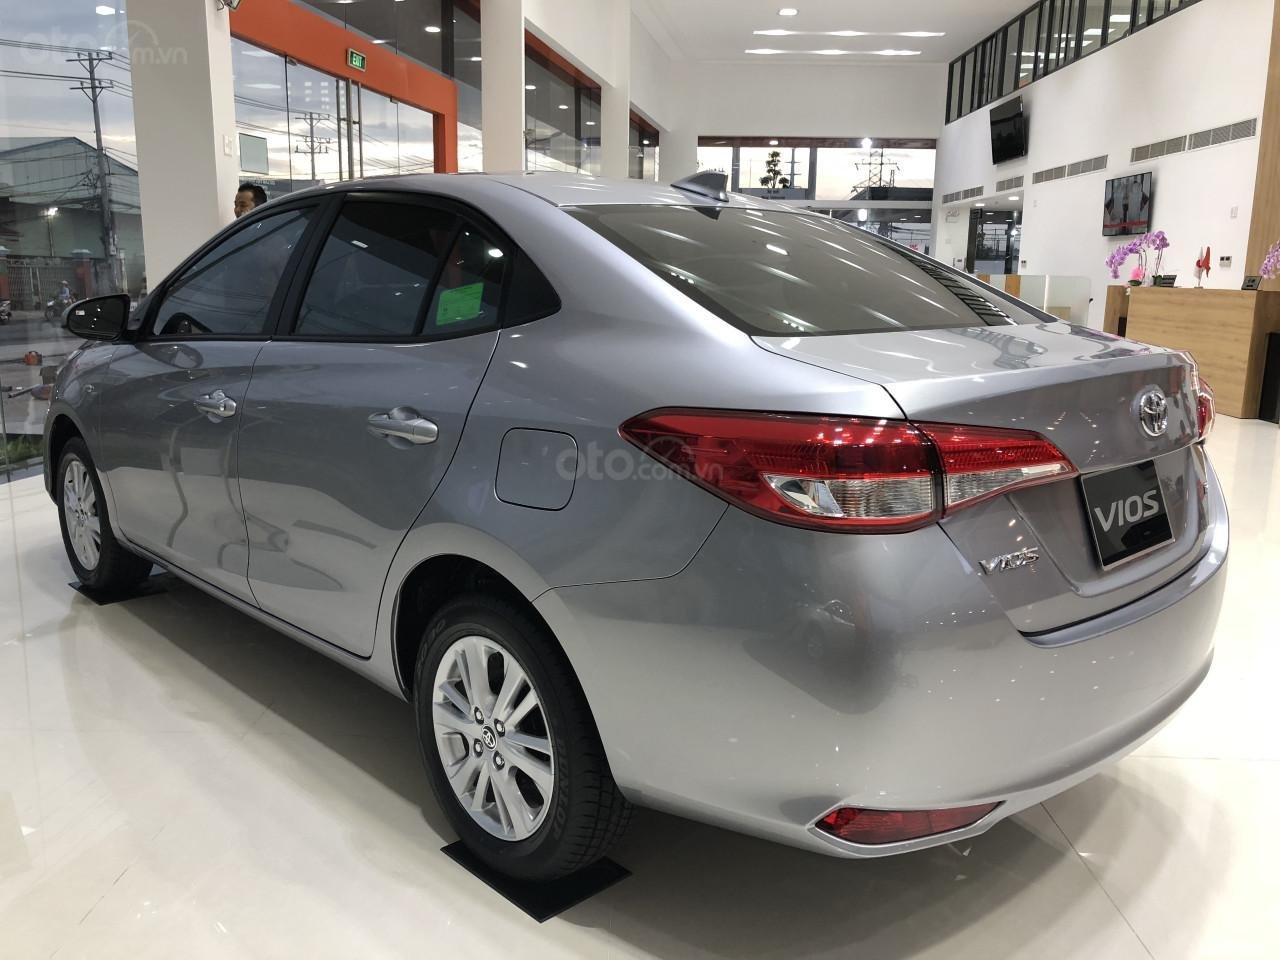 Bán Toyota Vios 1.5E - Tặng: DVD, camera lùi, bọc ghế + 35 triệu + Rất nhiều ưu đãi khác nữa-2